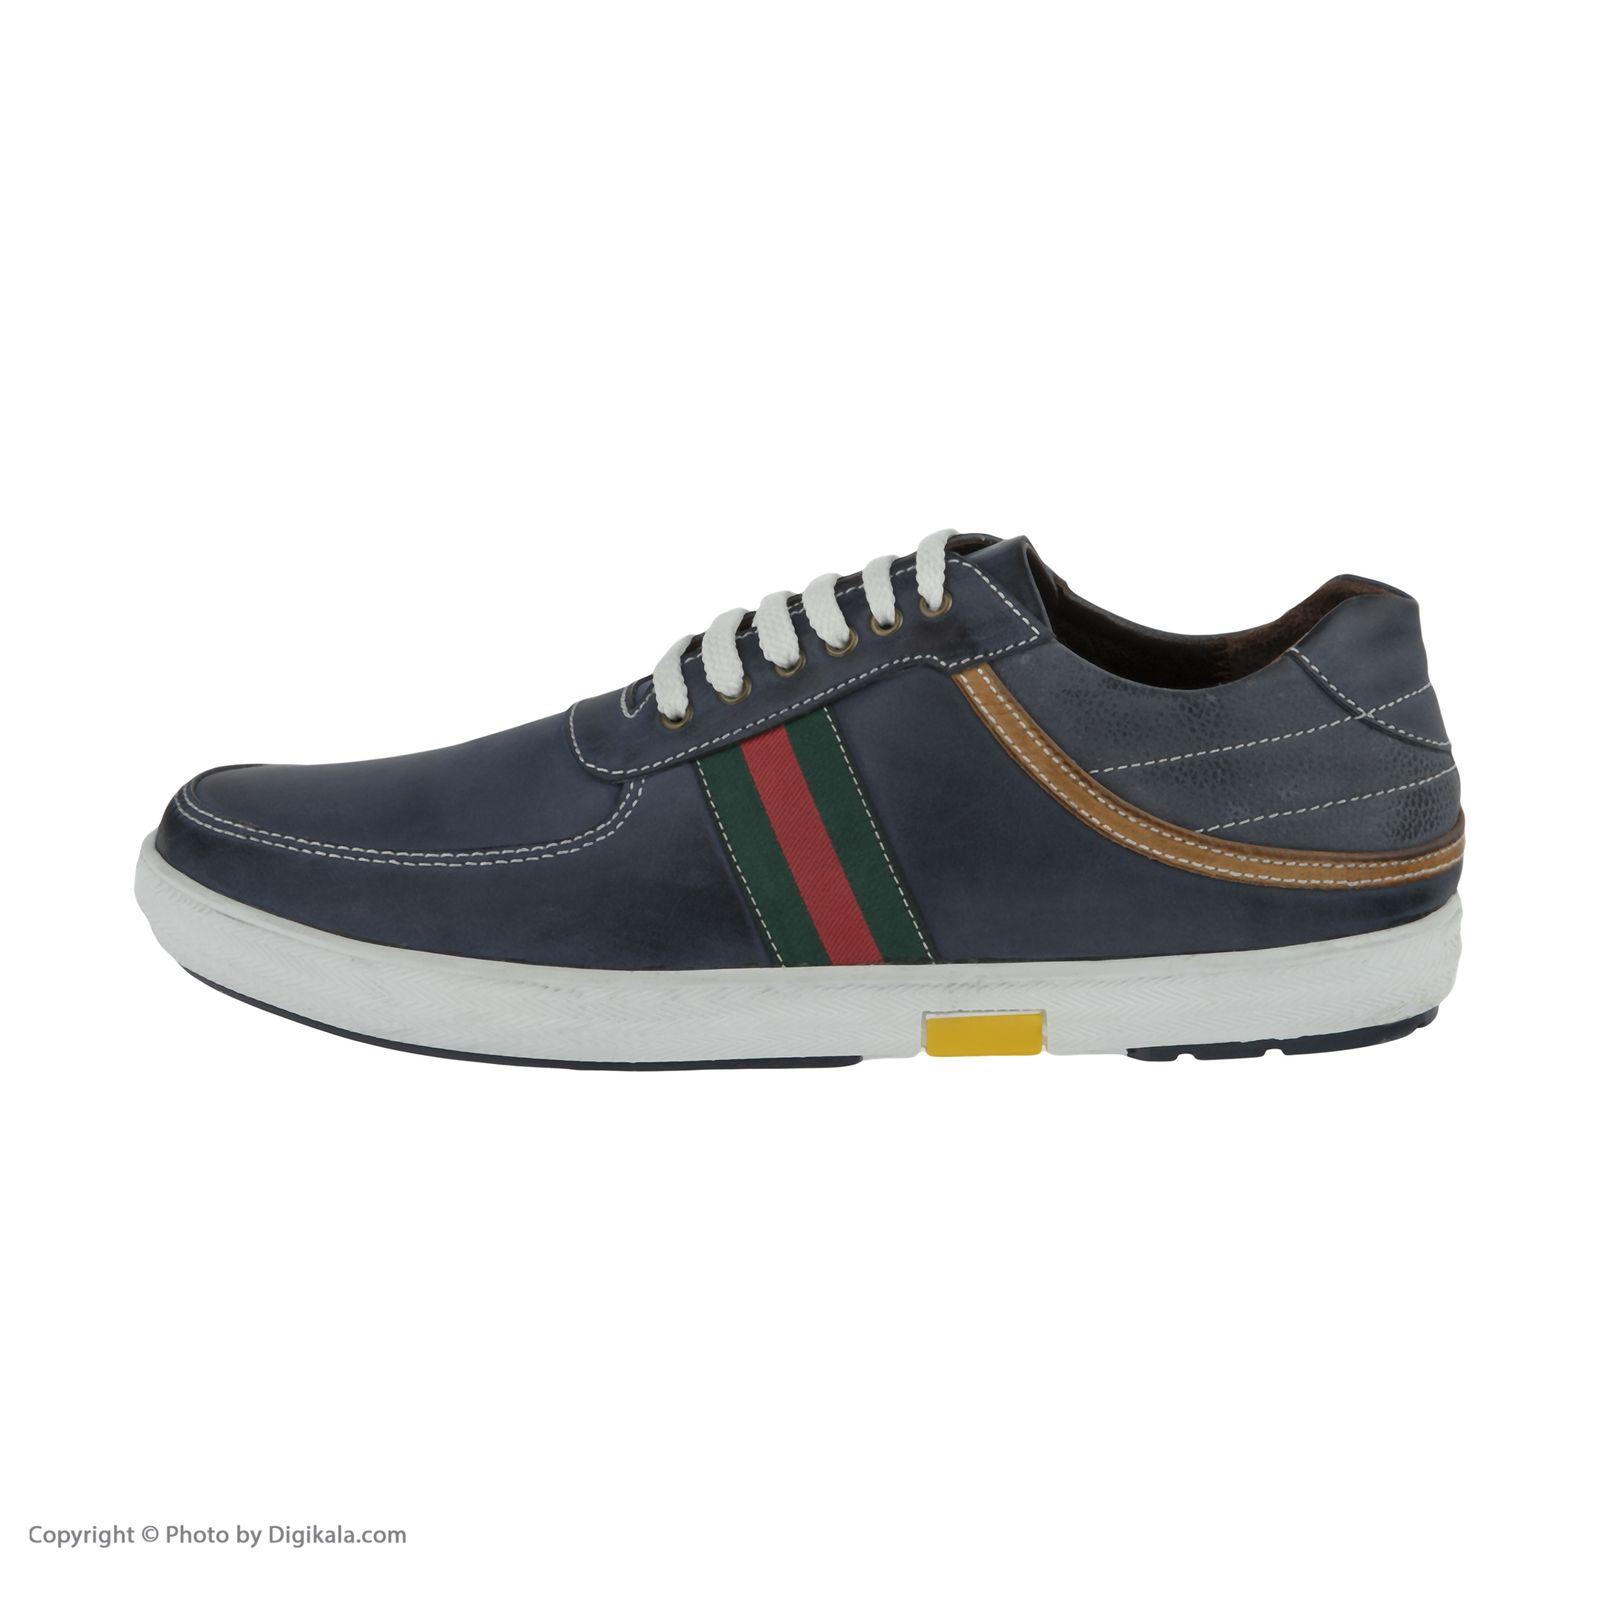 کفش روزمره مردانه سوته مدل 5054A503103 -  - 3